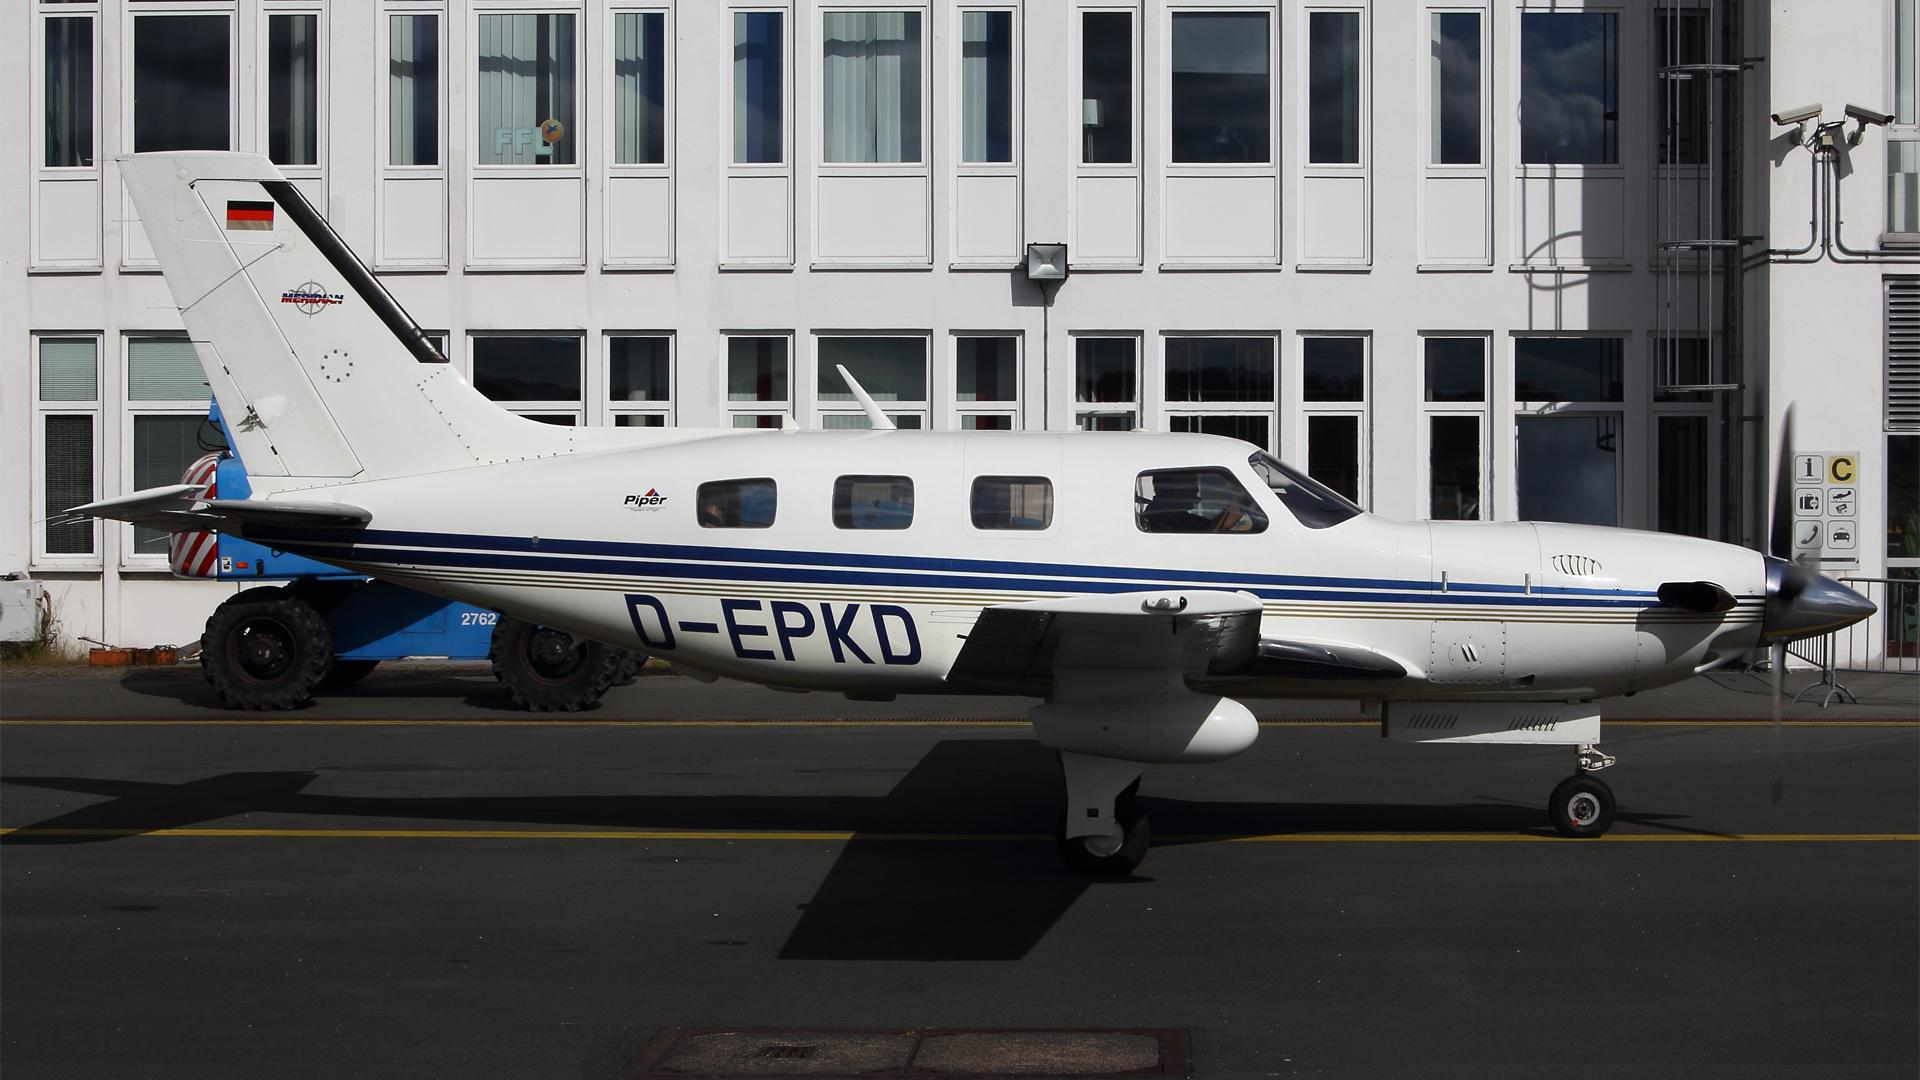 D-EPKD-1 PA46 ESS 201405